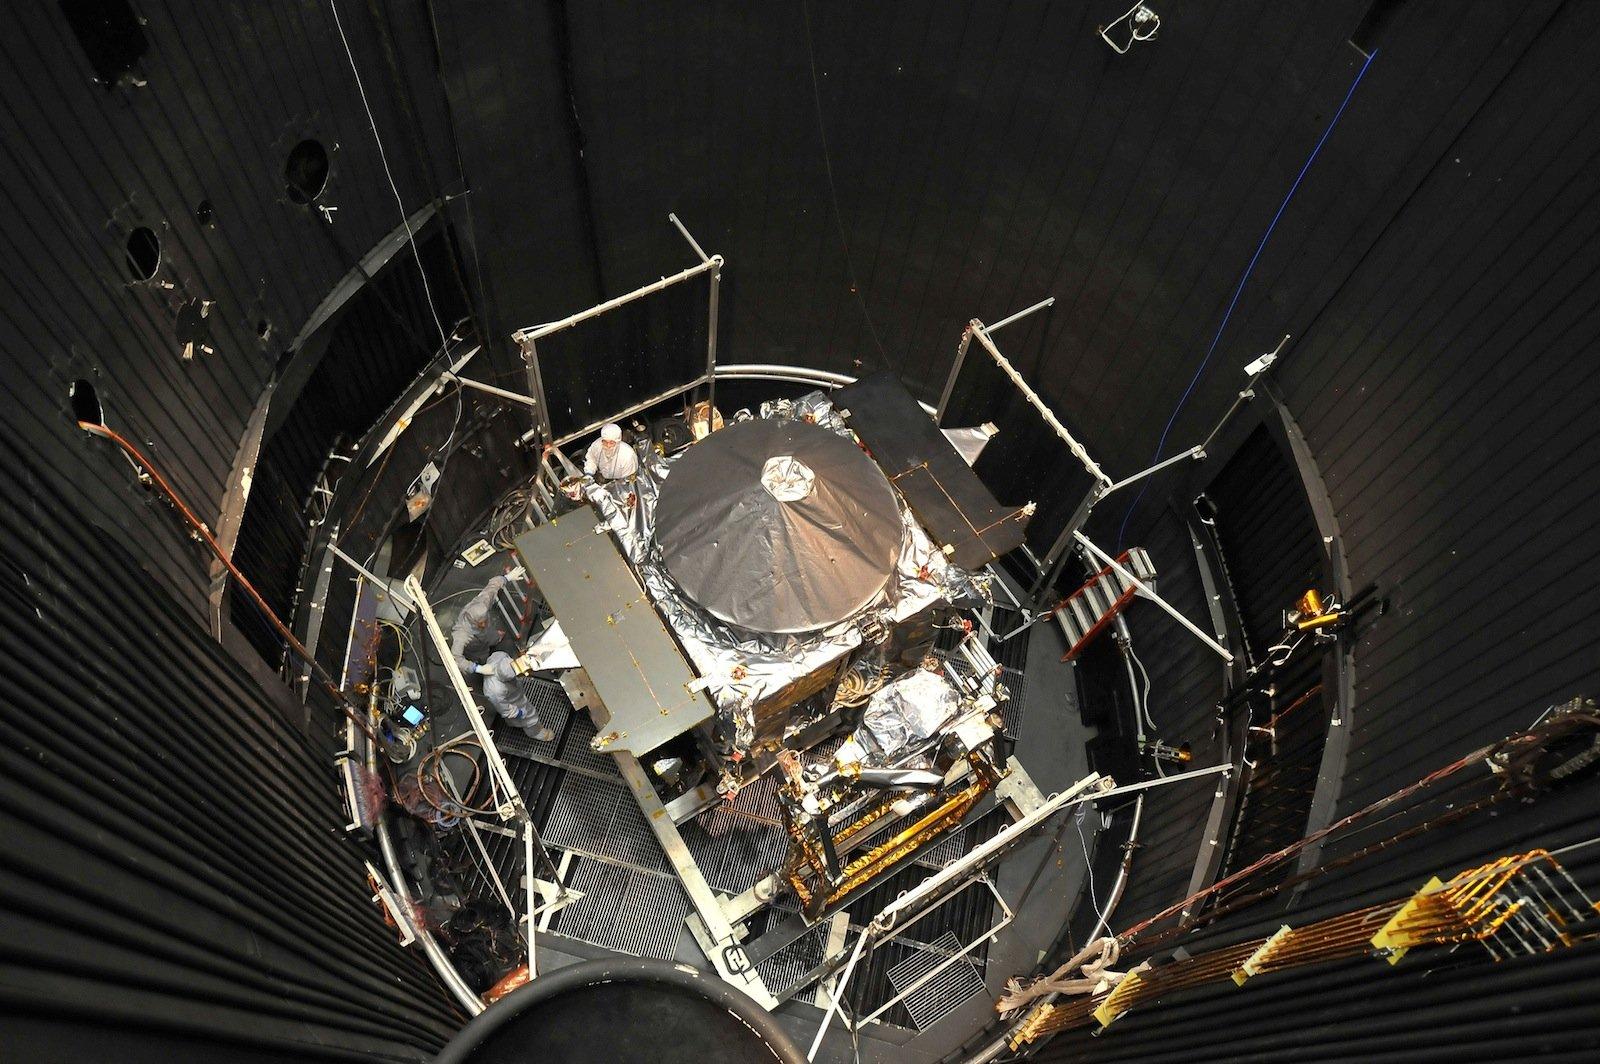 Vor dem Start im November 2013 wurde die Raumsonde Maven beim Hersteller Lockheed Martin ausgiebig getestet, etwa in einer Vakuumkammer.